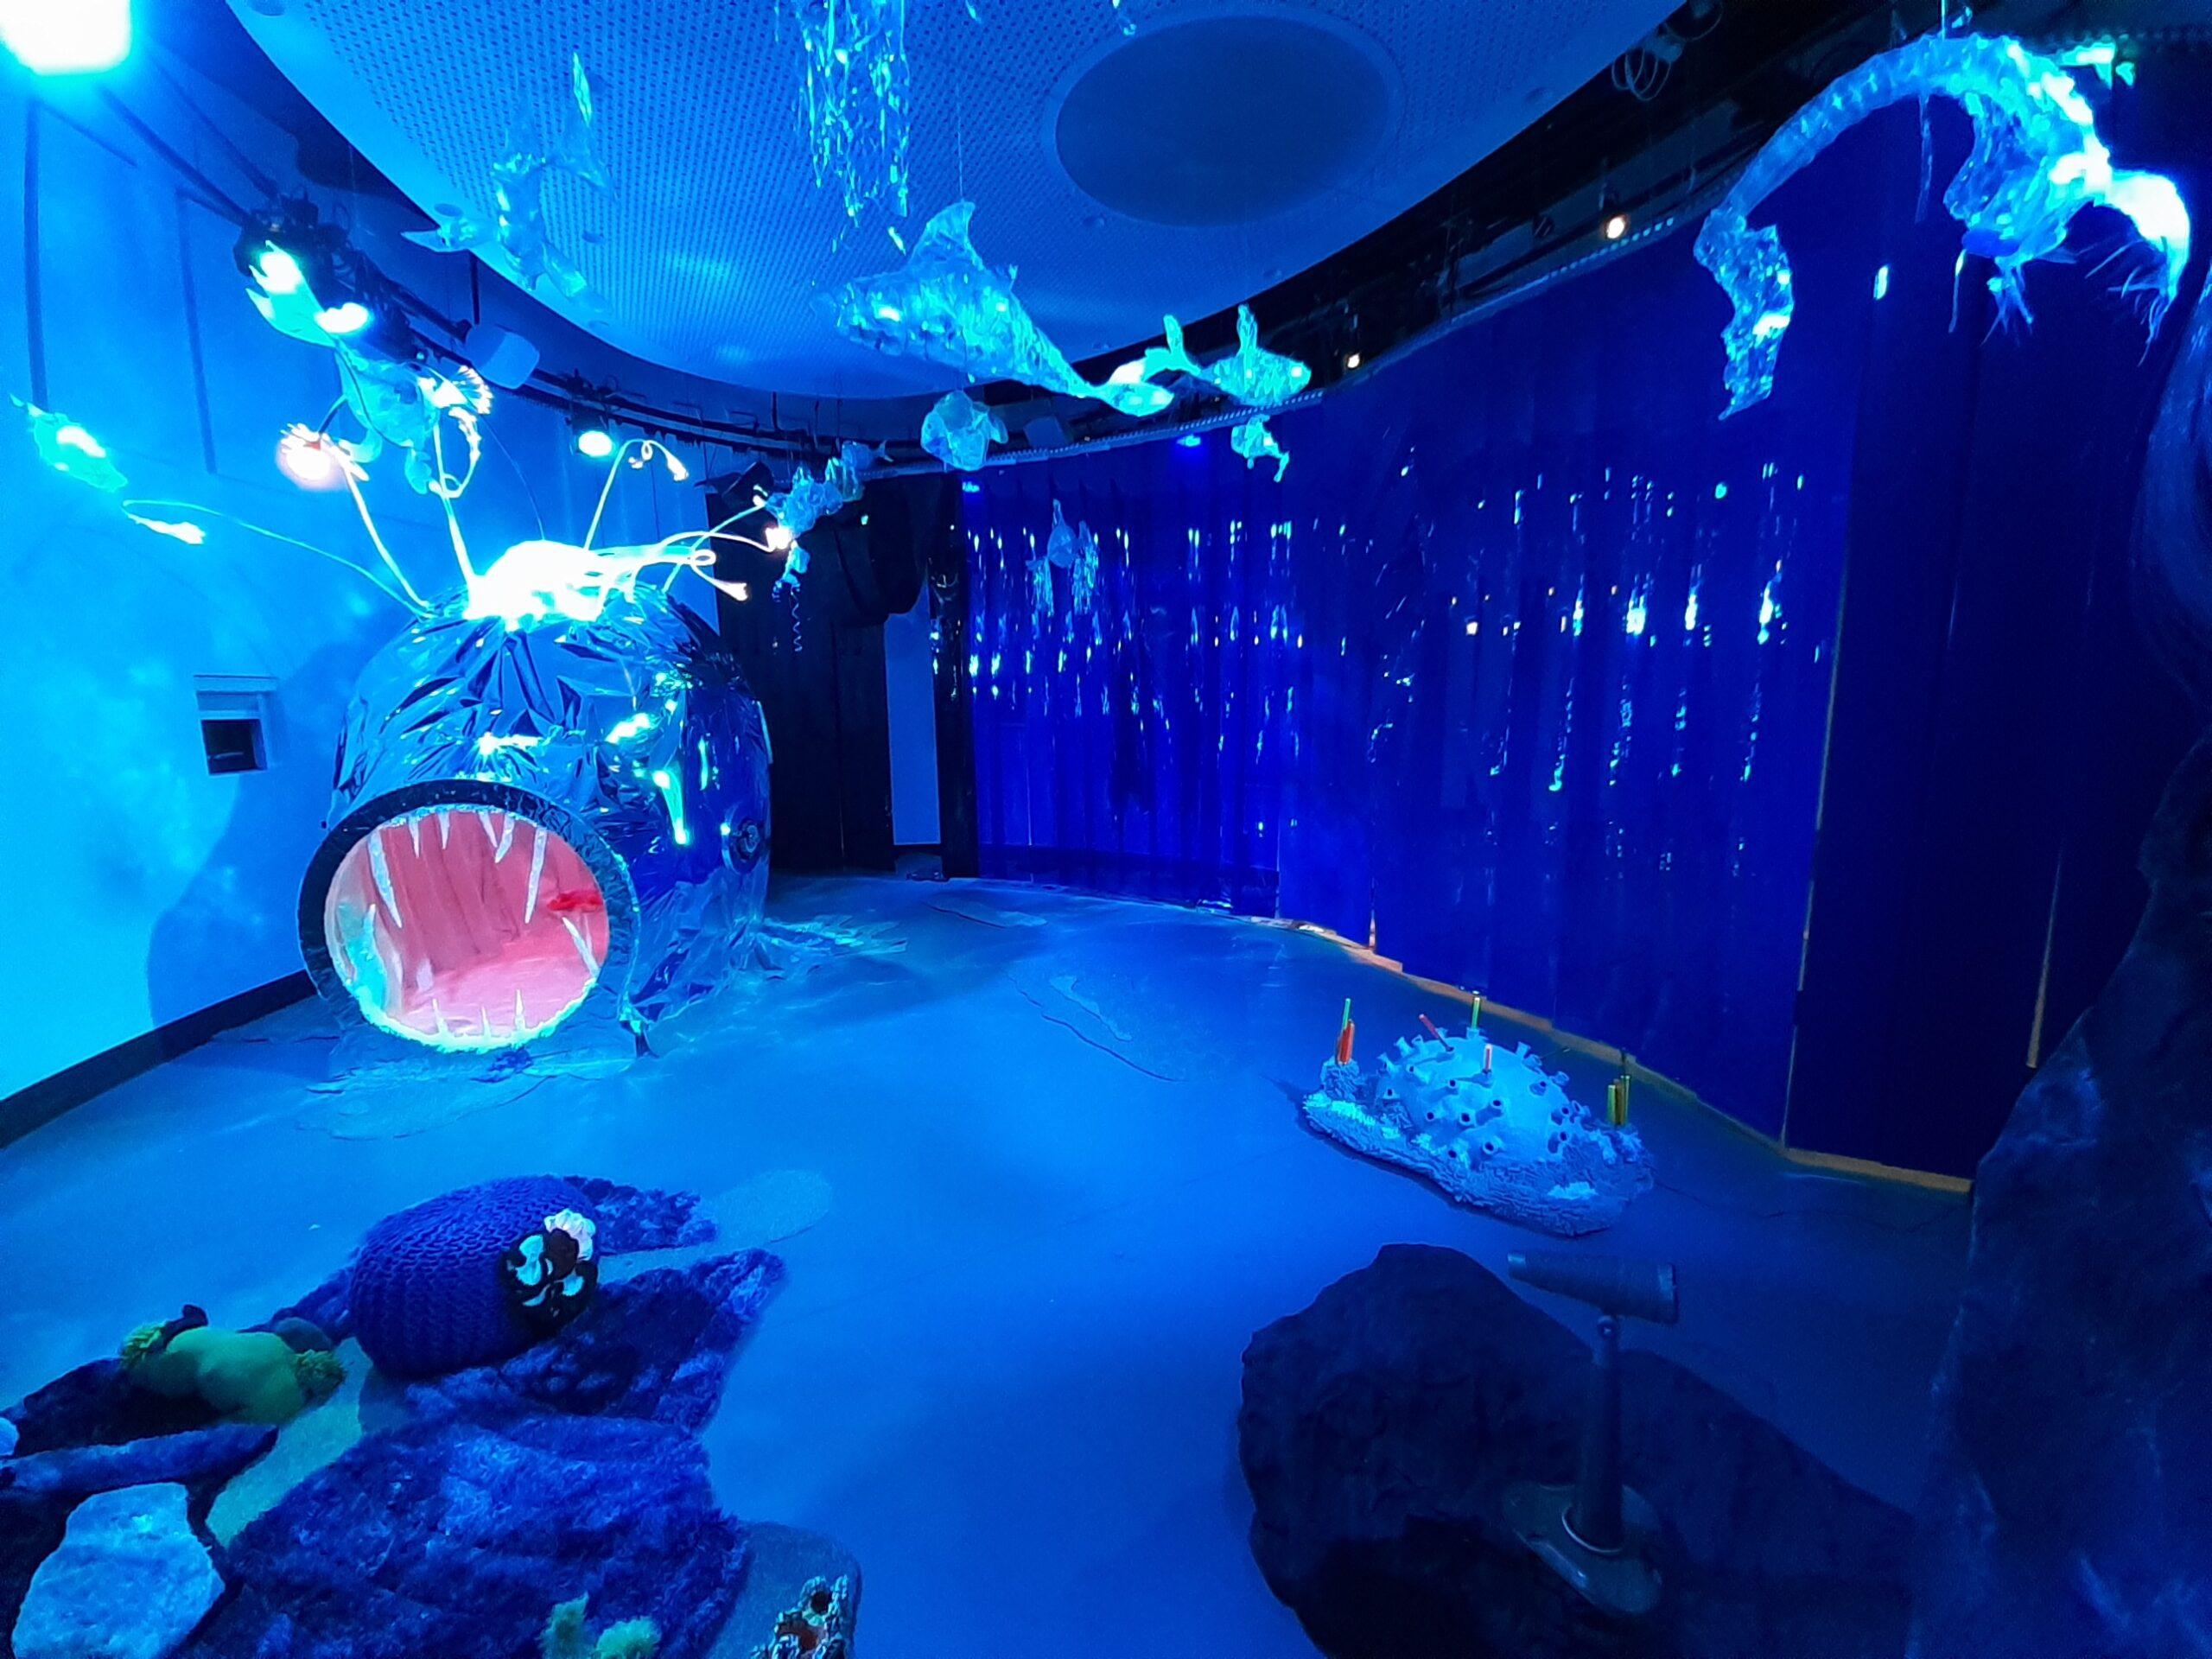 Deepseaadventure12